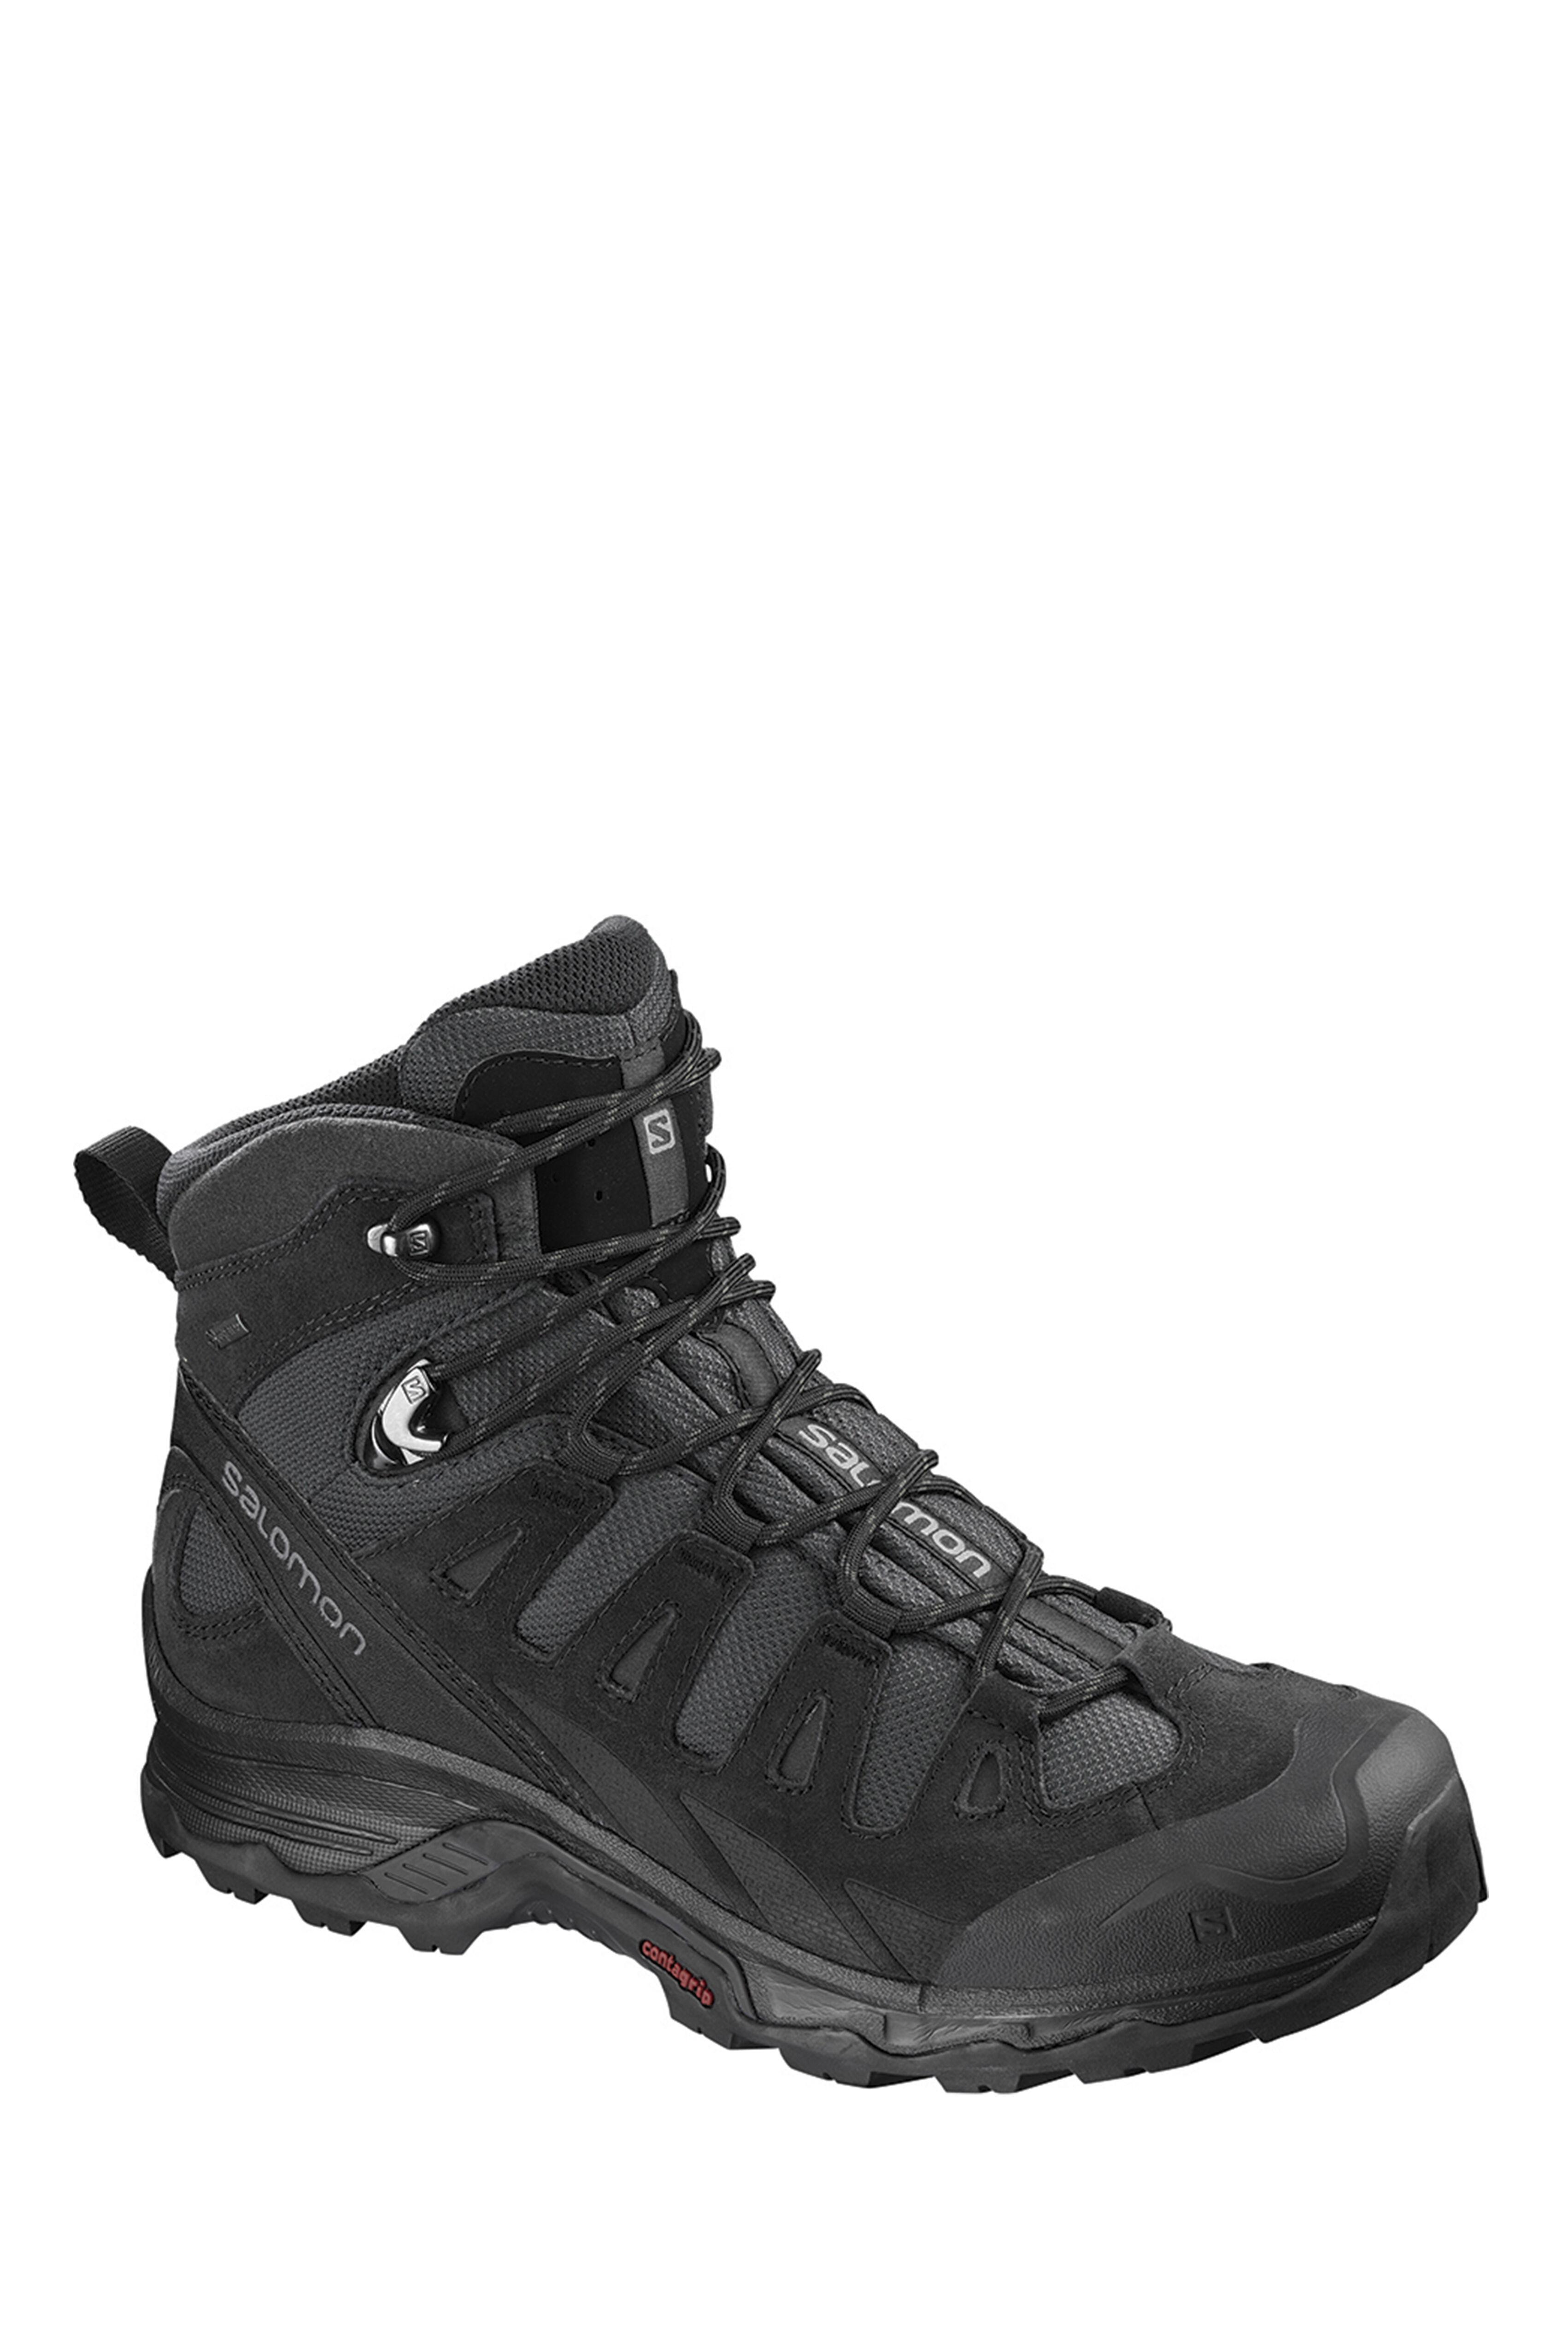 Salomon Quest Prime GTX Mid Boots — Men's | Macpac